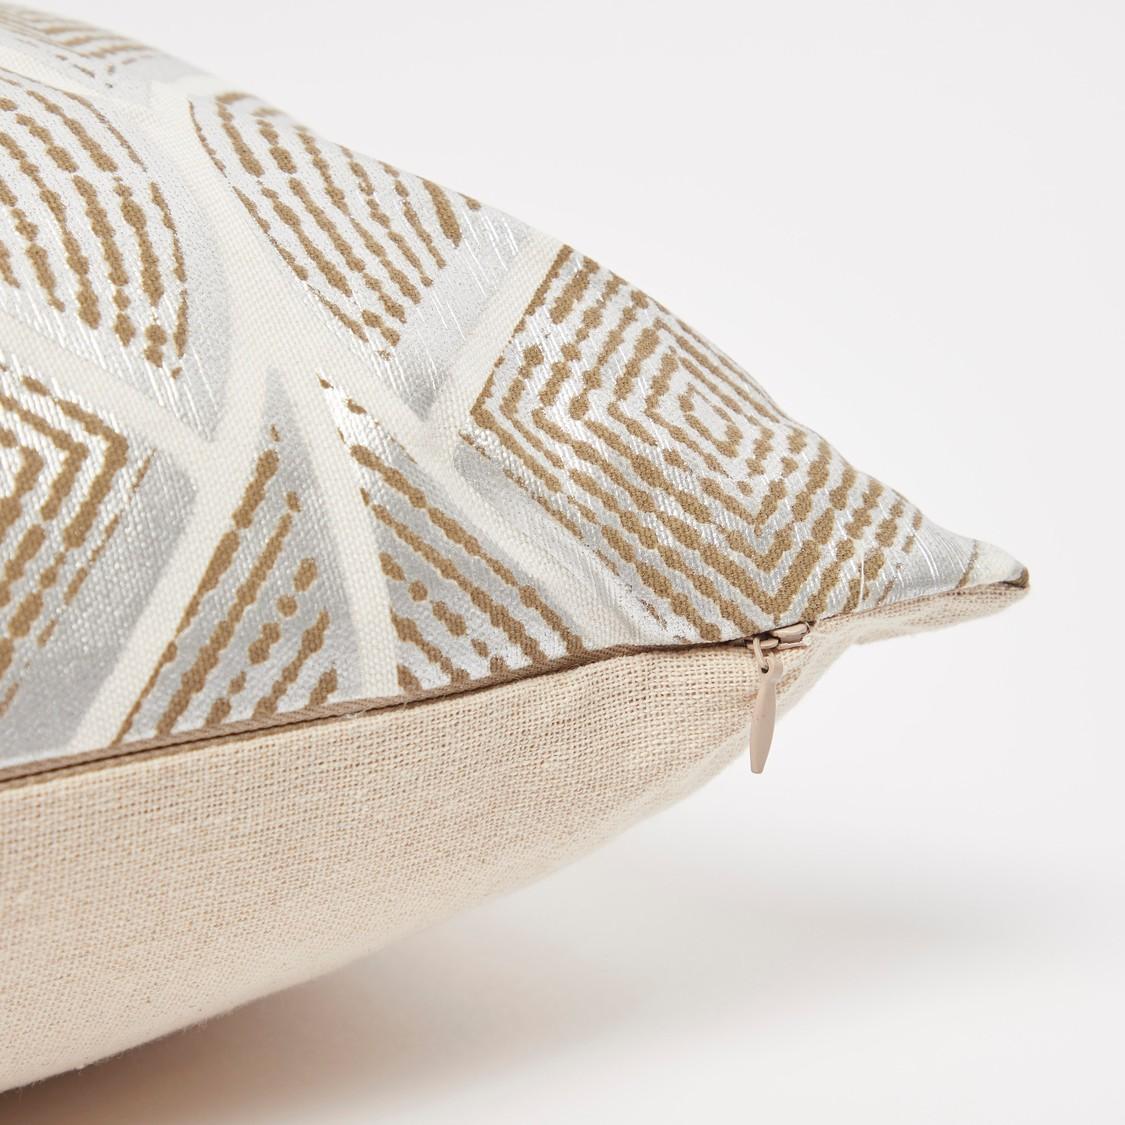 وسادة محشوة بطبعات رقائق معدنية - 45x45 سم